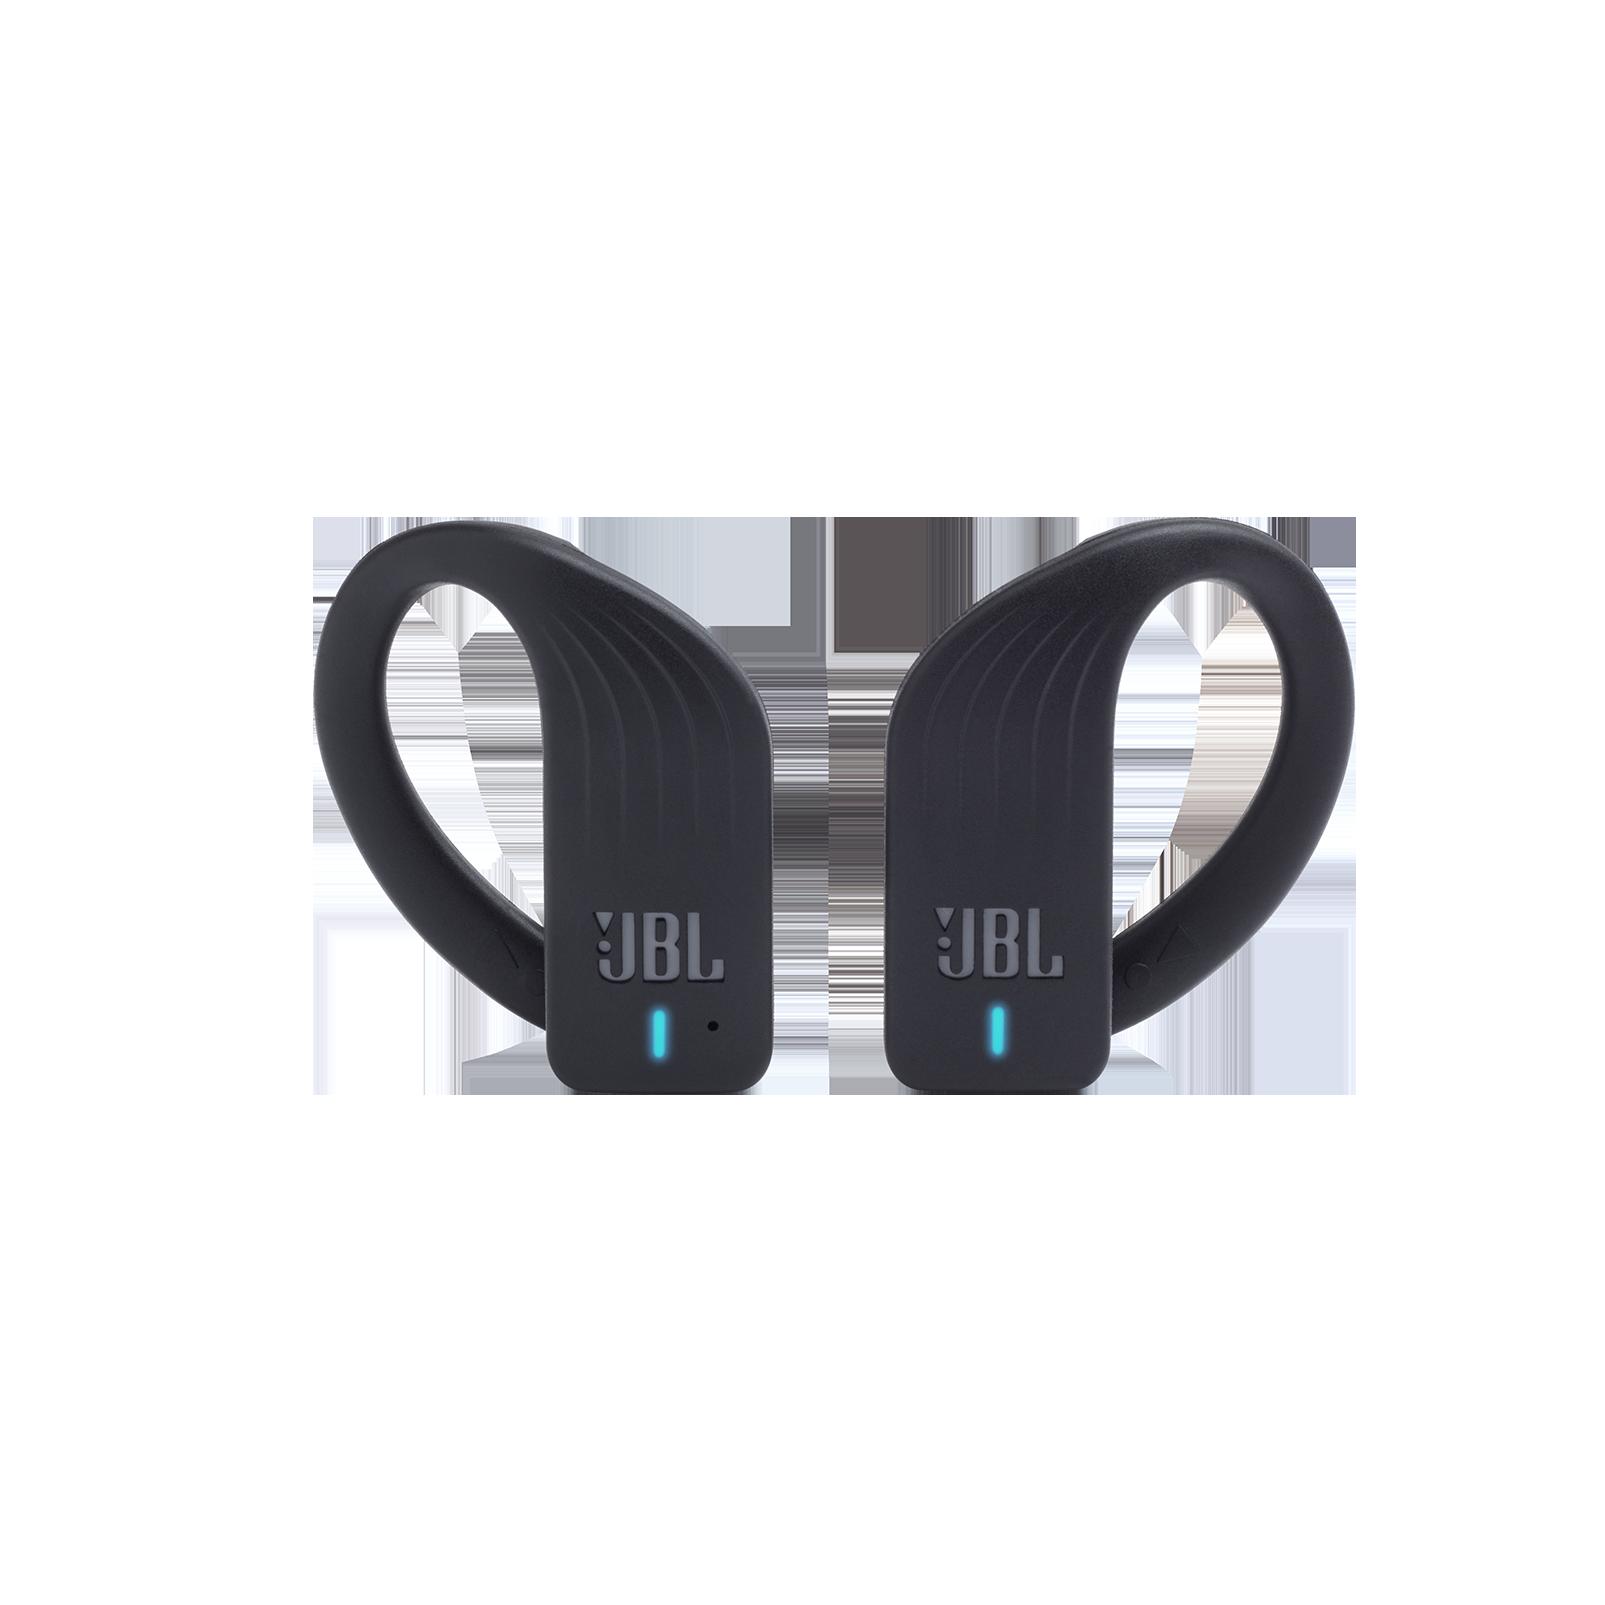 jbl endurance peak waterproof true wireless in ear sport. Black Bedroom Furniture Sets. Home Design Ideas